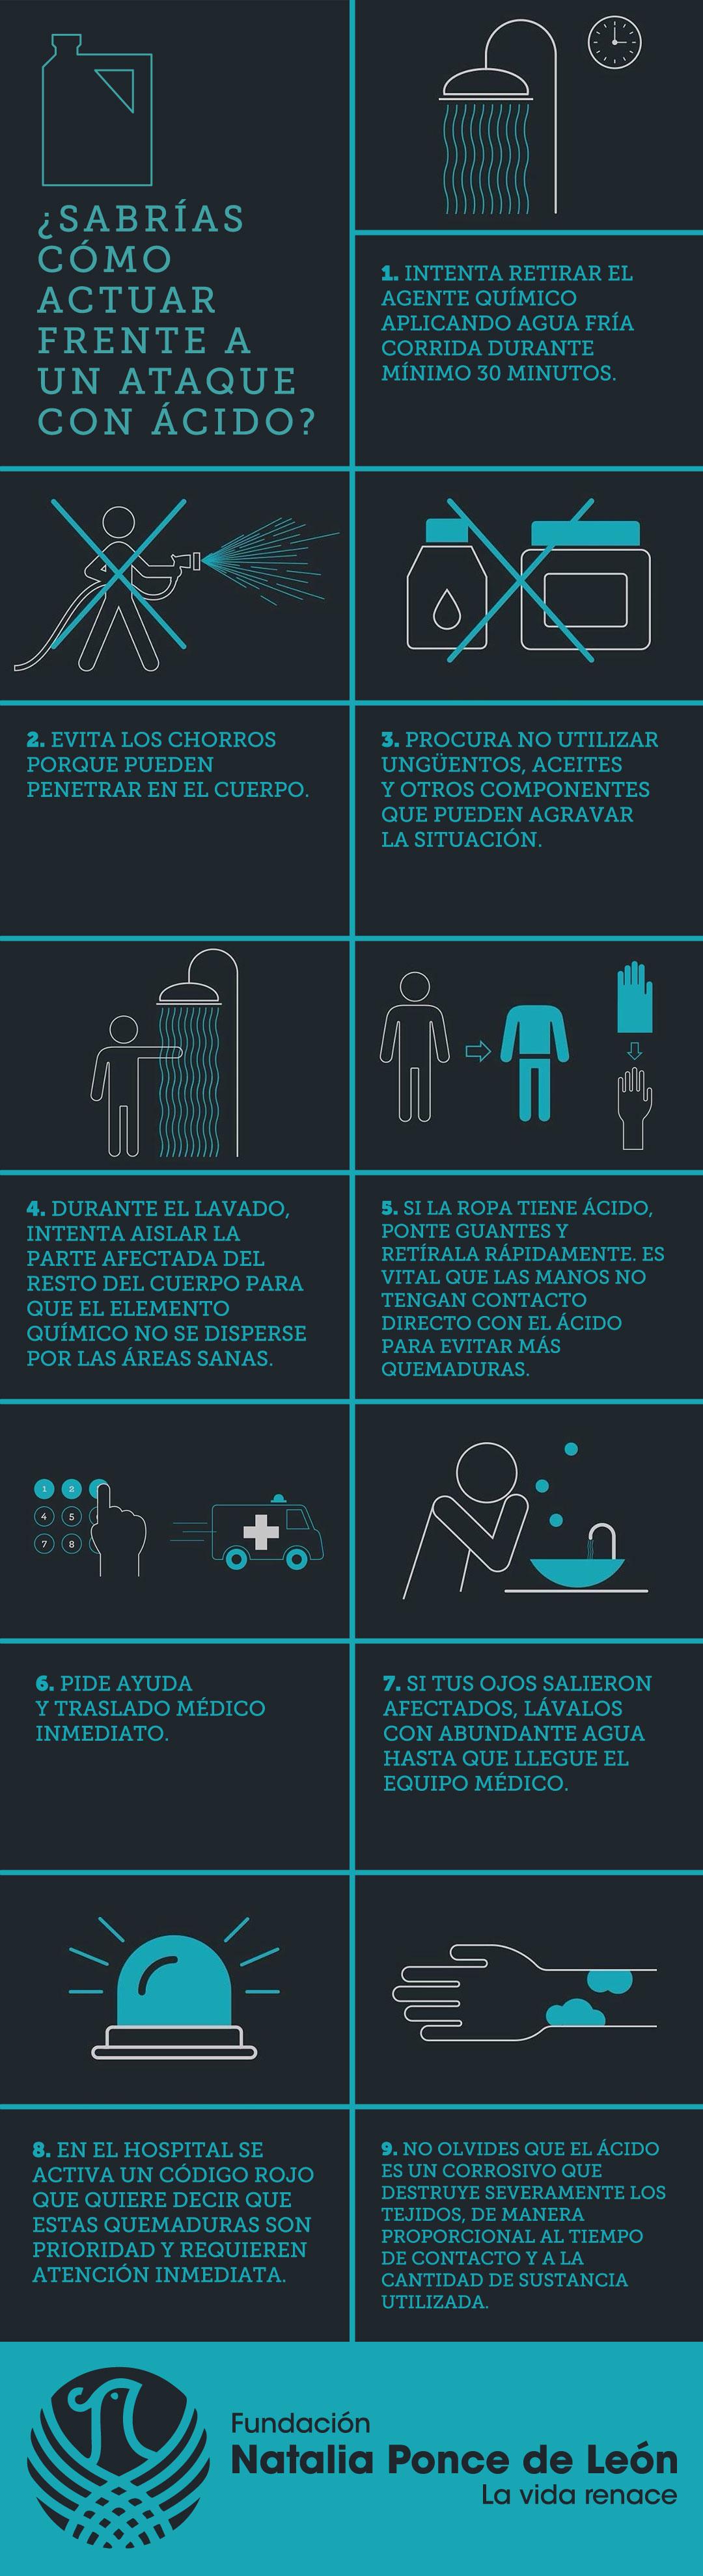 © Fundación Natalia Ponce de León